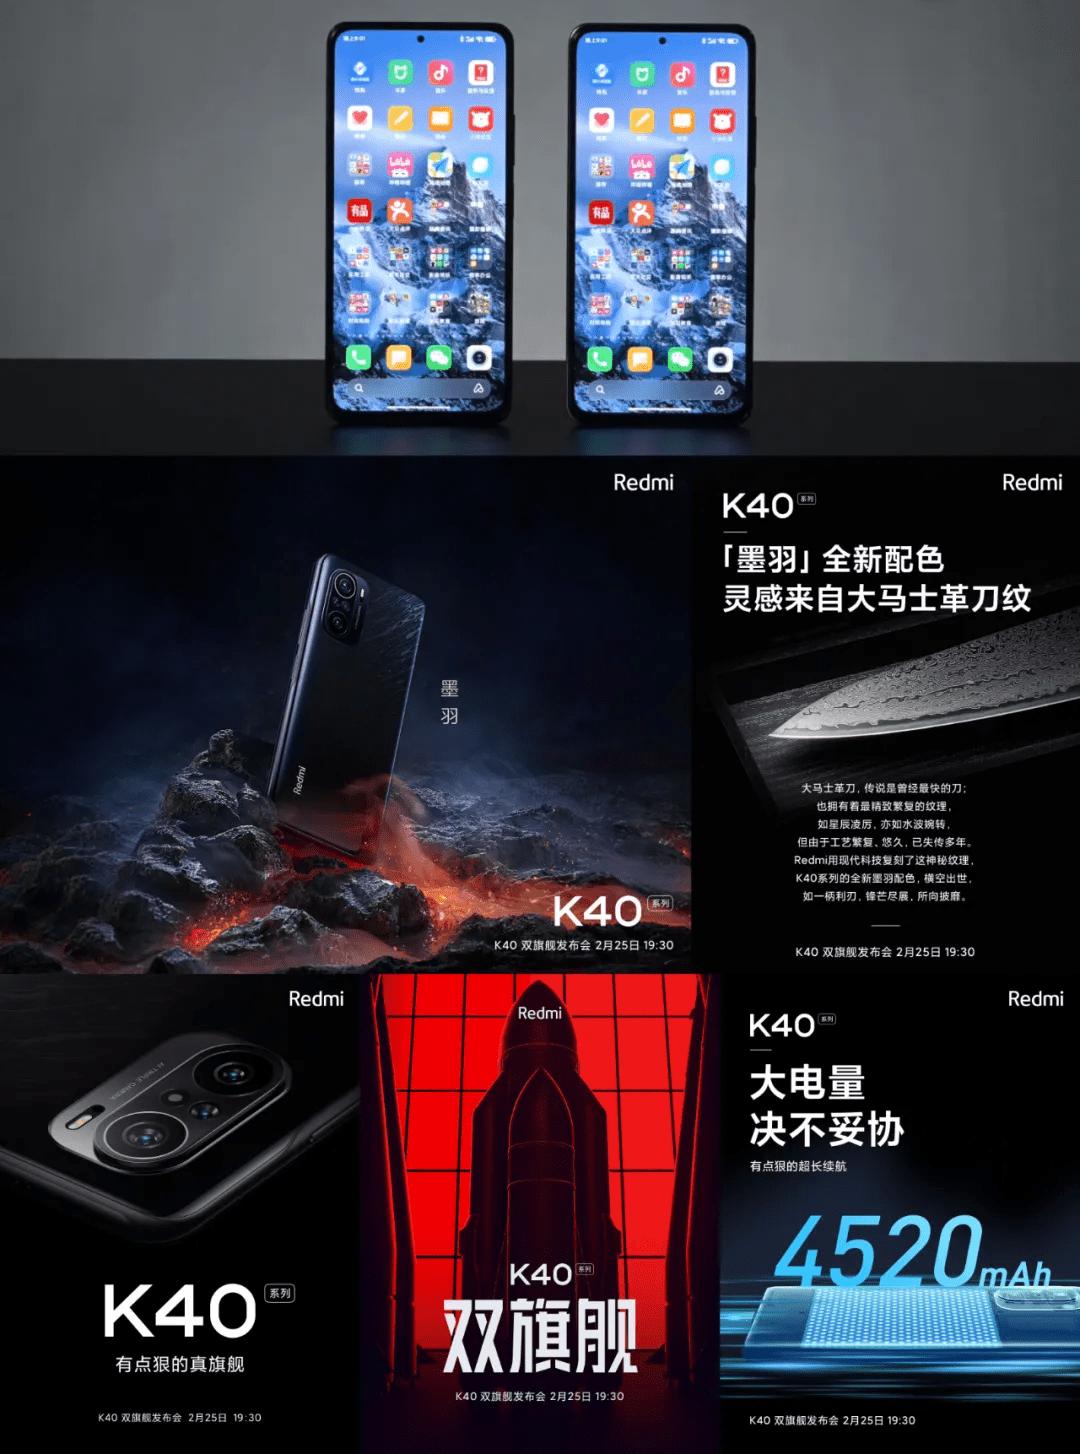 图片[1]-近期即将发布的,十款旗舰手机!-嗨皮网(Hpeak.cn)